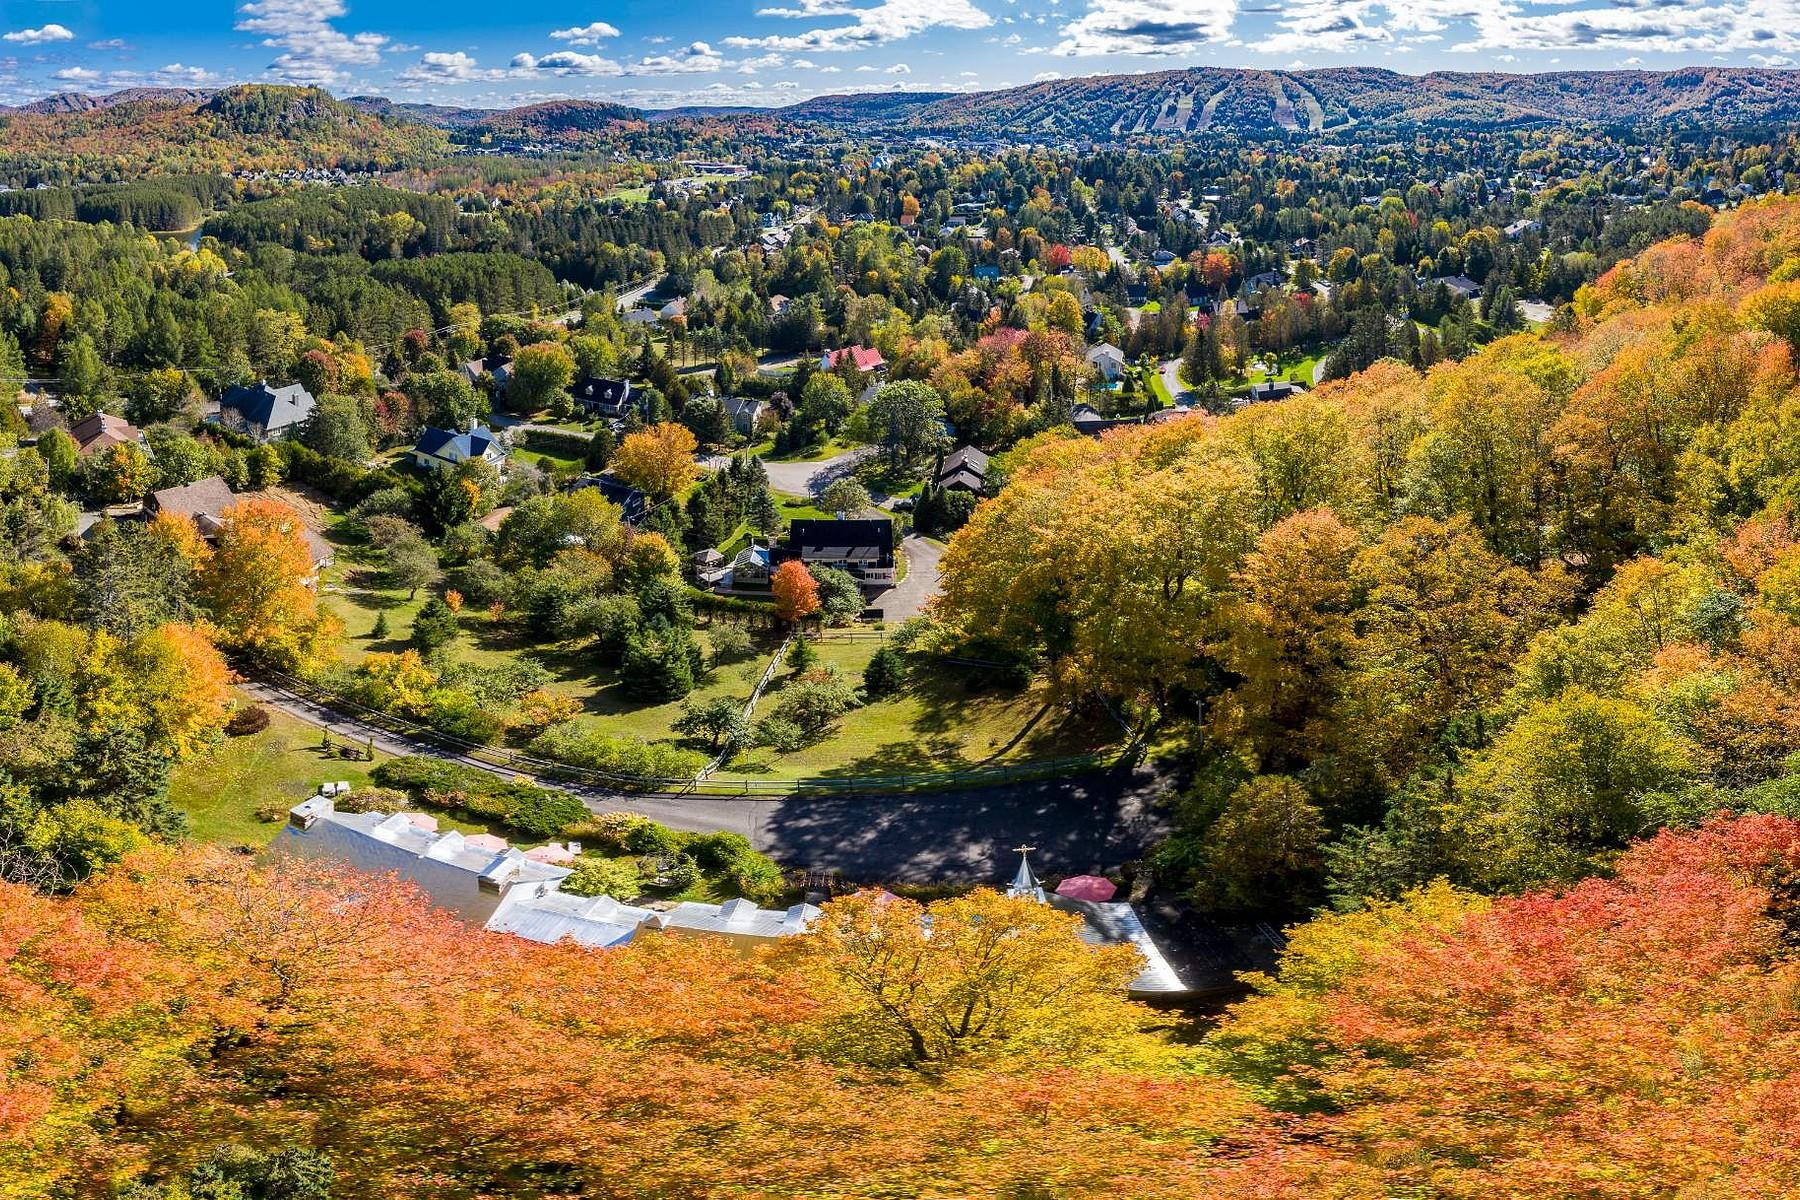 Single Family Homes for Sale at Saint-Sauveur, Laurentides 216 Av. de l'Église Saint-Sauveur, Quebec J0R1R7 Canada